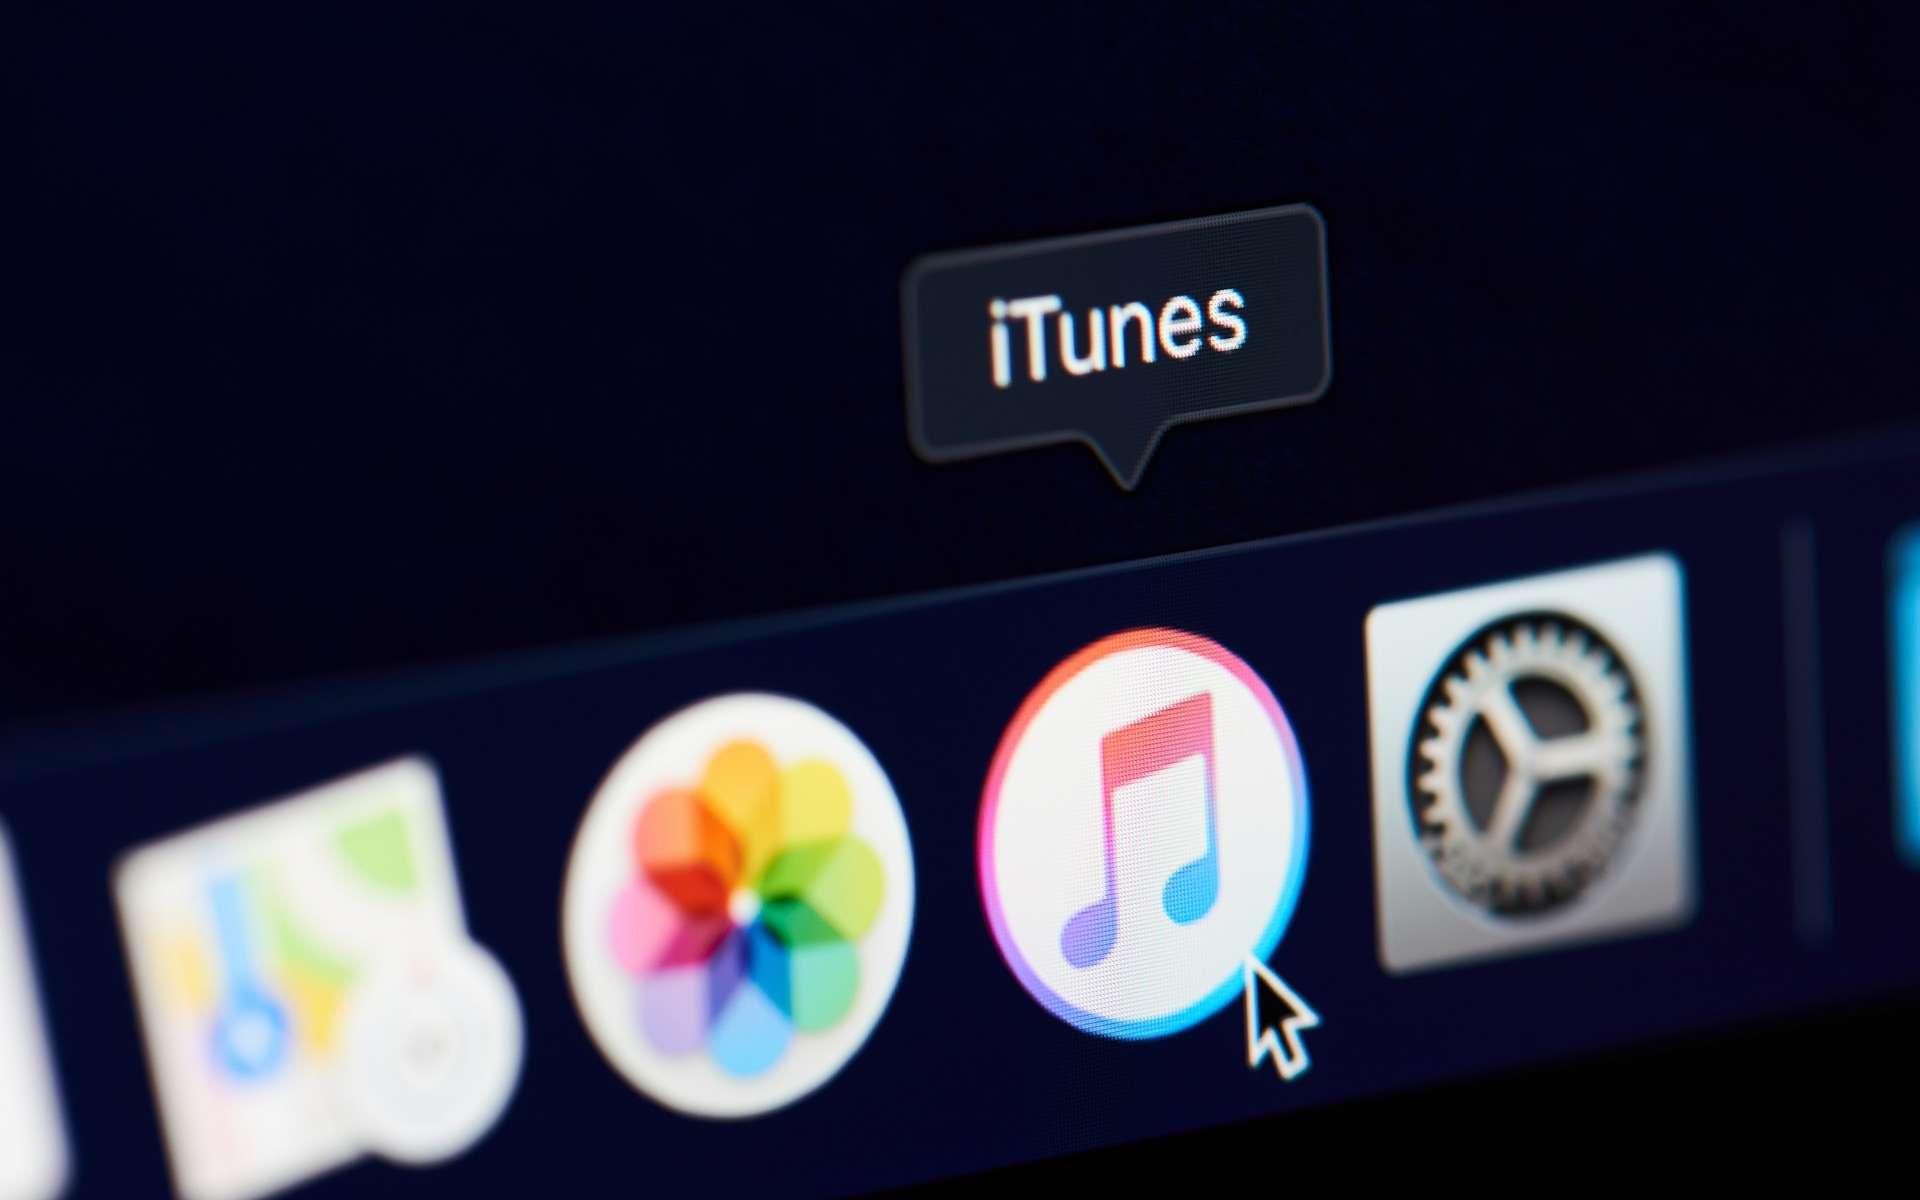 iTunes © PixieMe, Adobe Stock